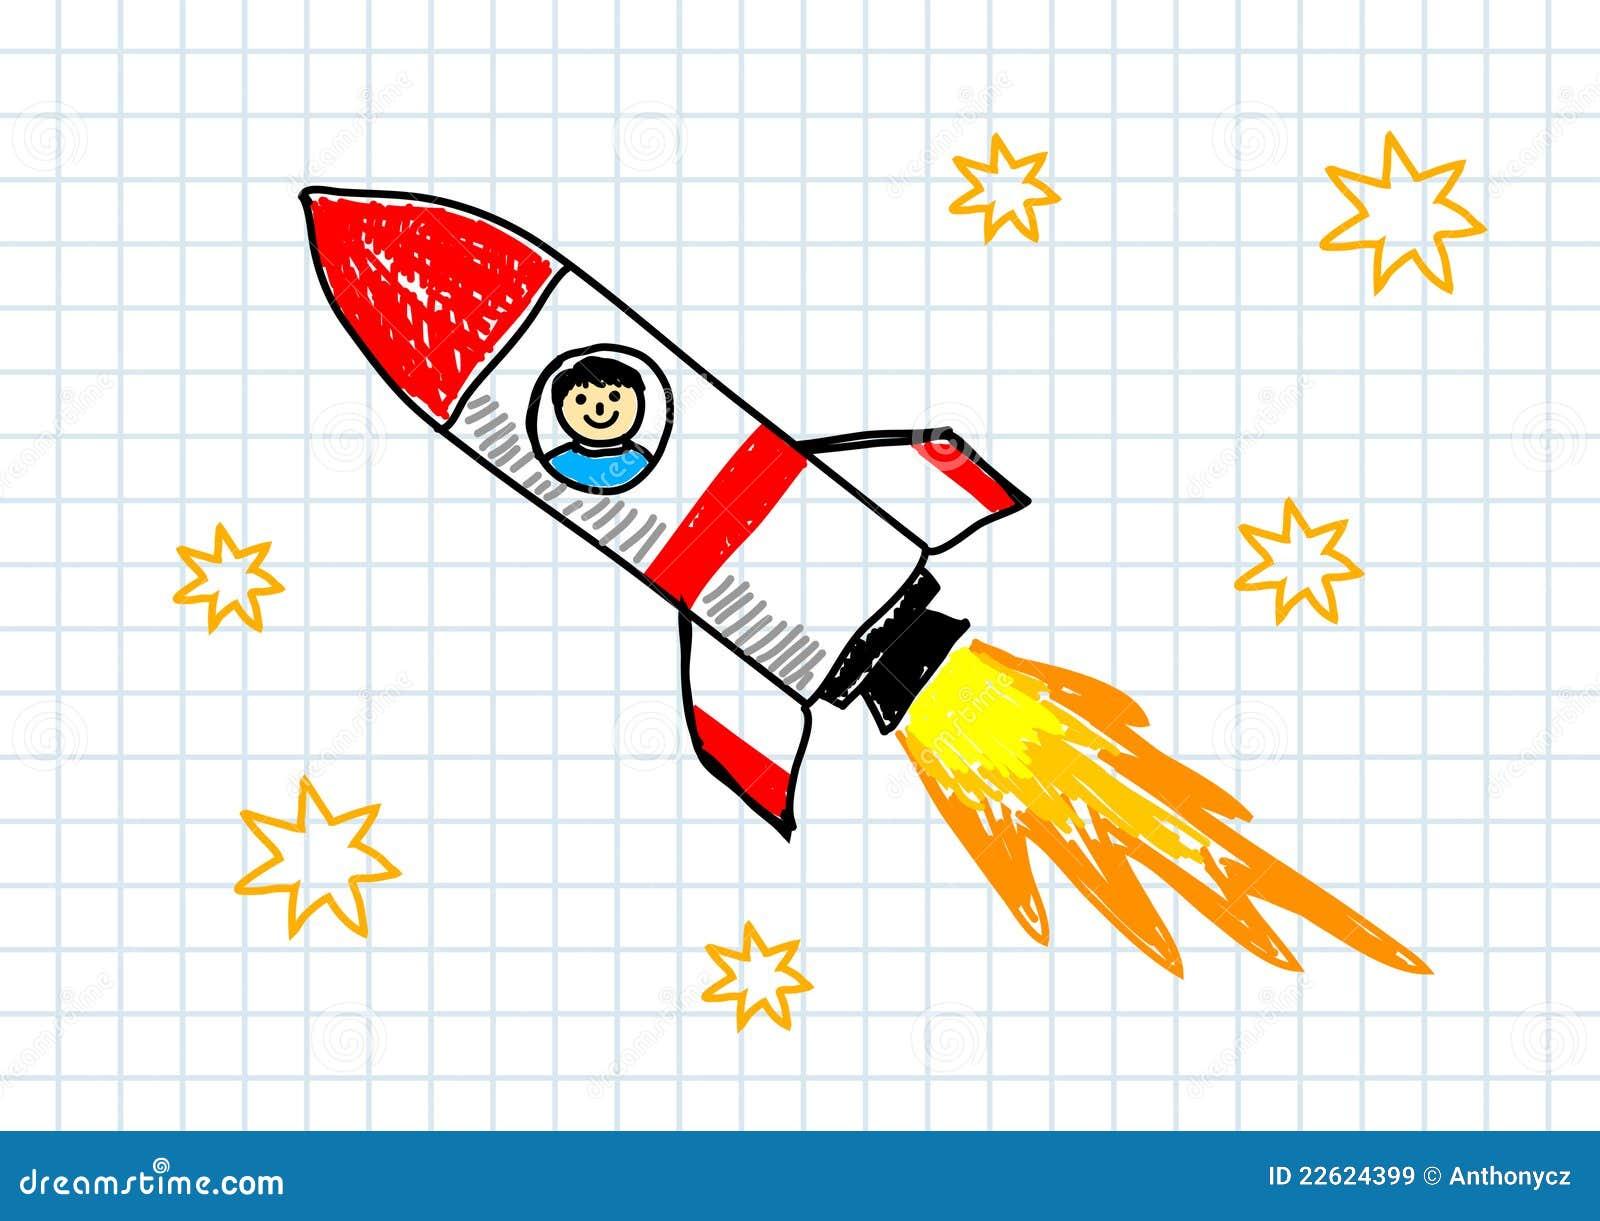 Открытки с ракетой своими руками